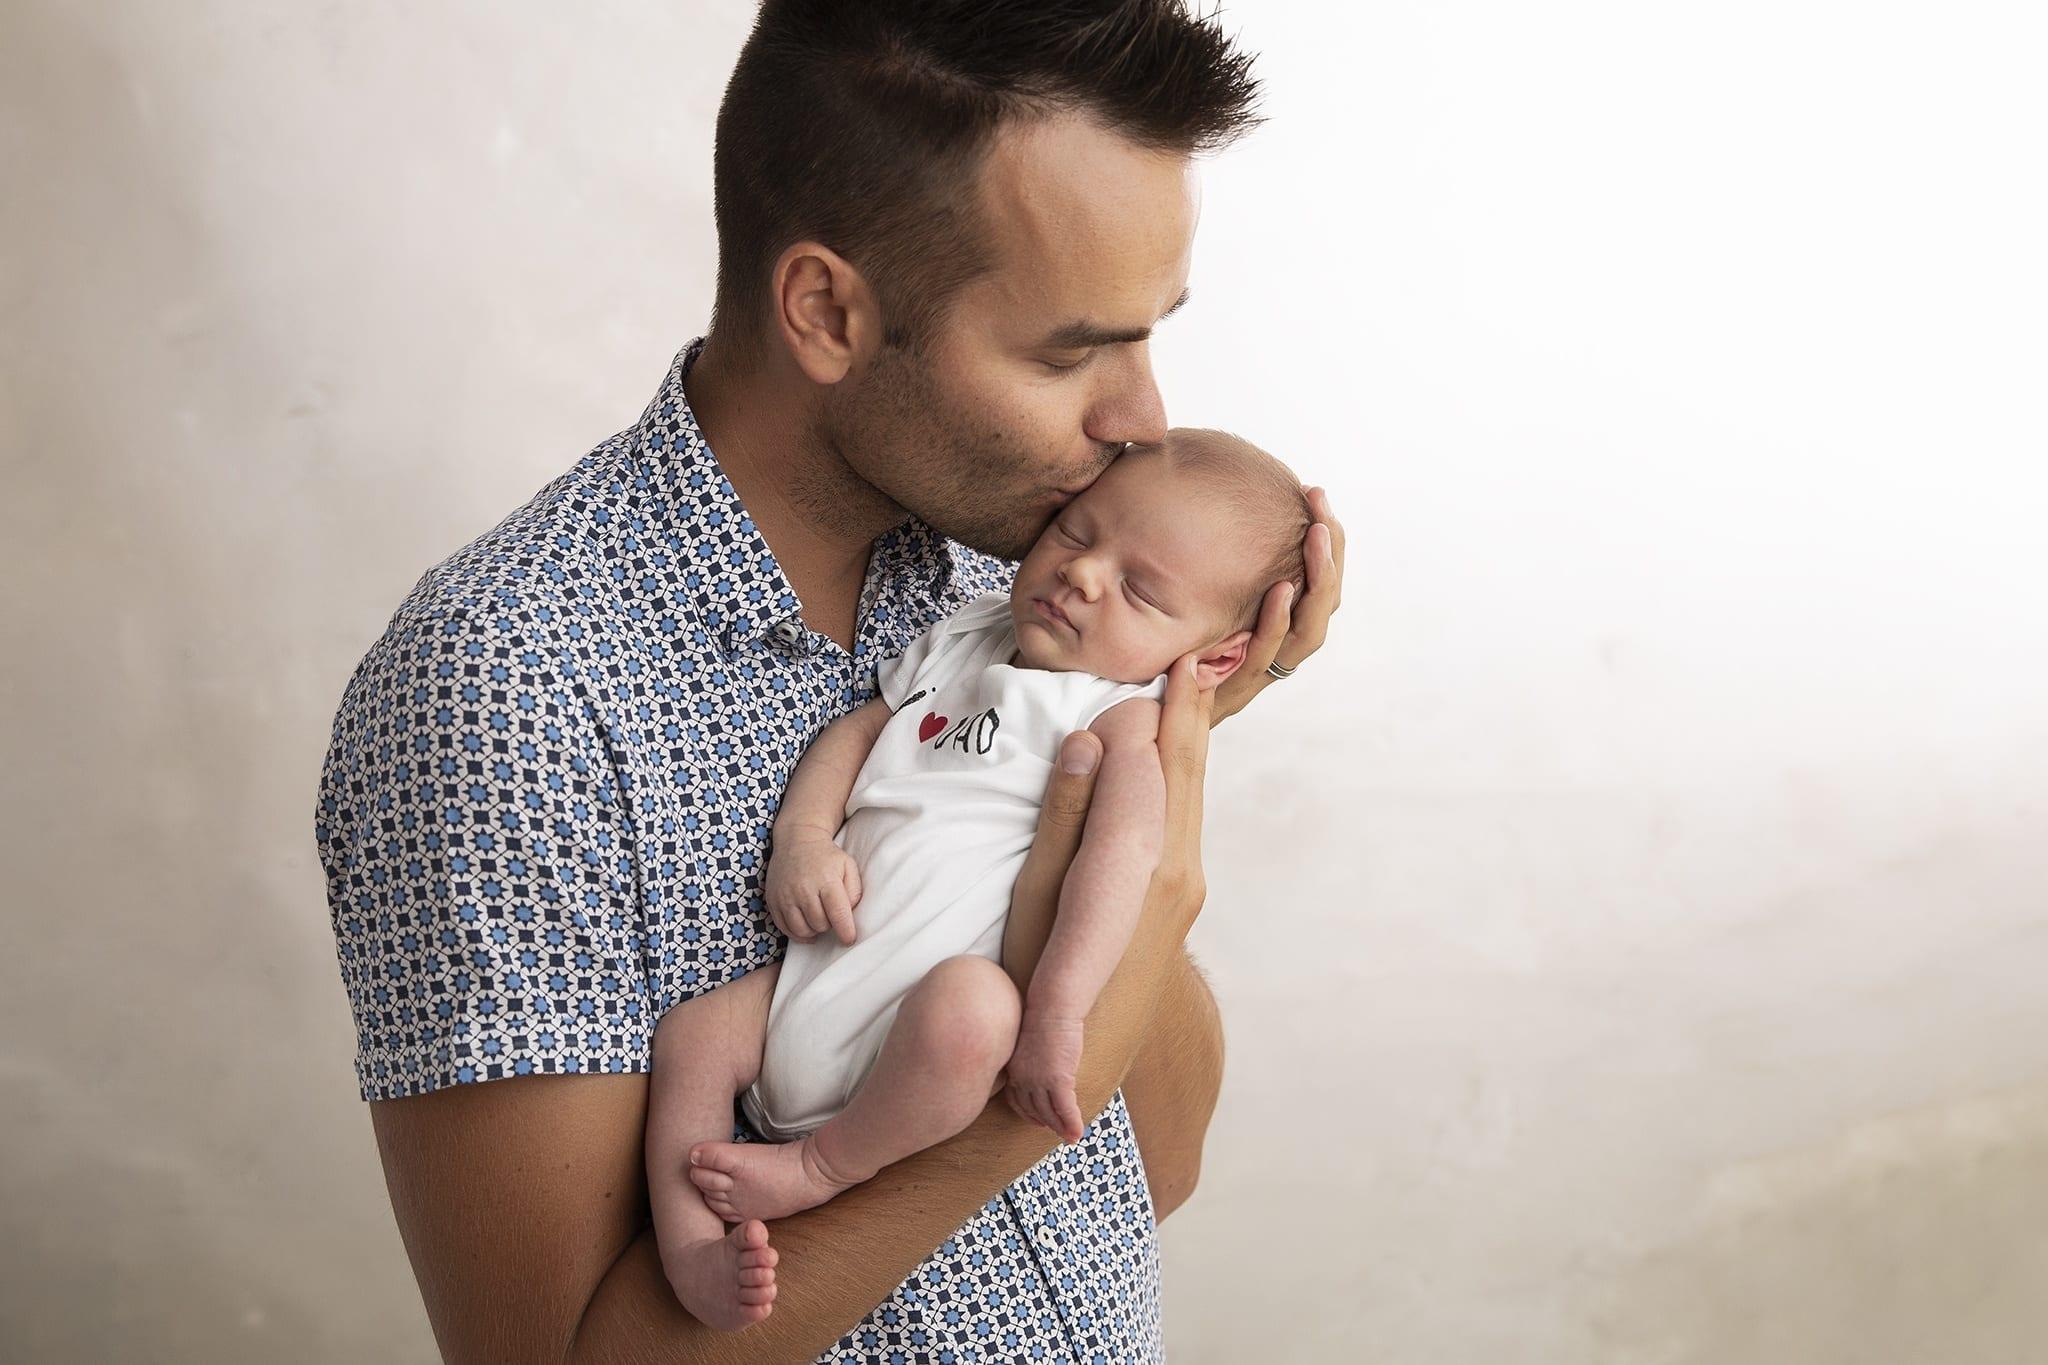 Budapesti újszülöttfotós bababarát fotóstúdióban